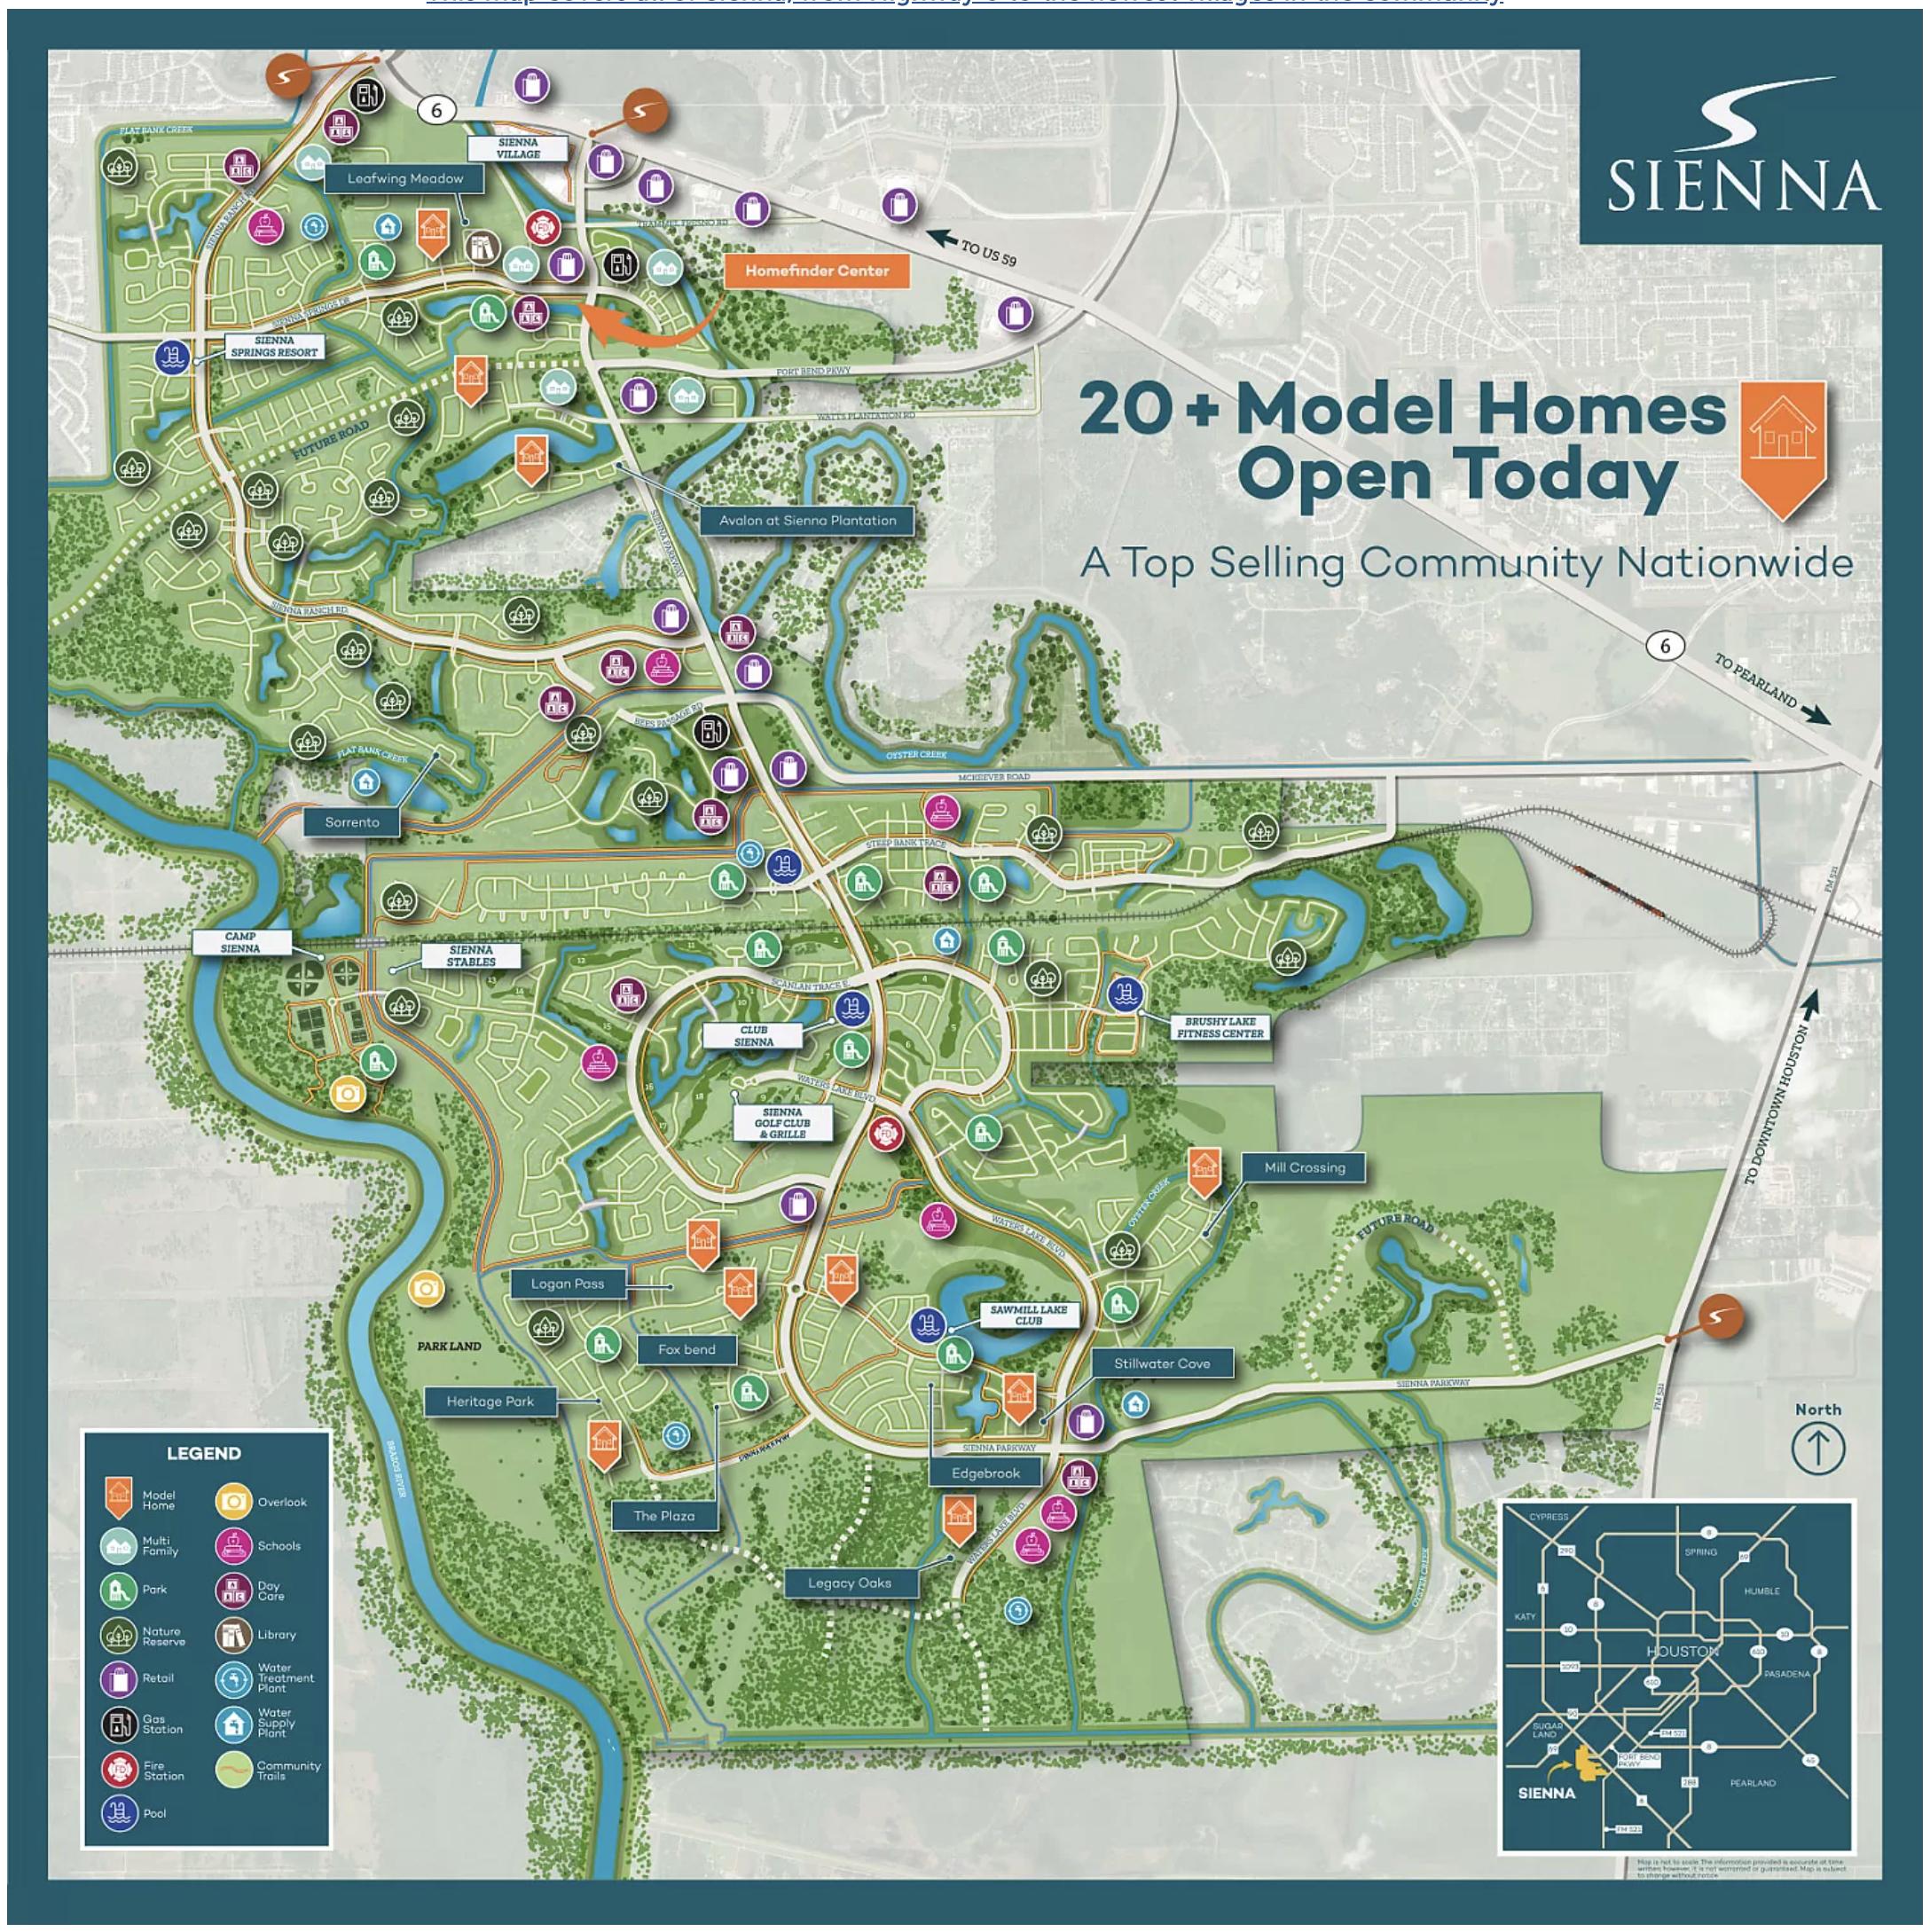 sienna map